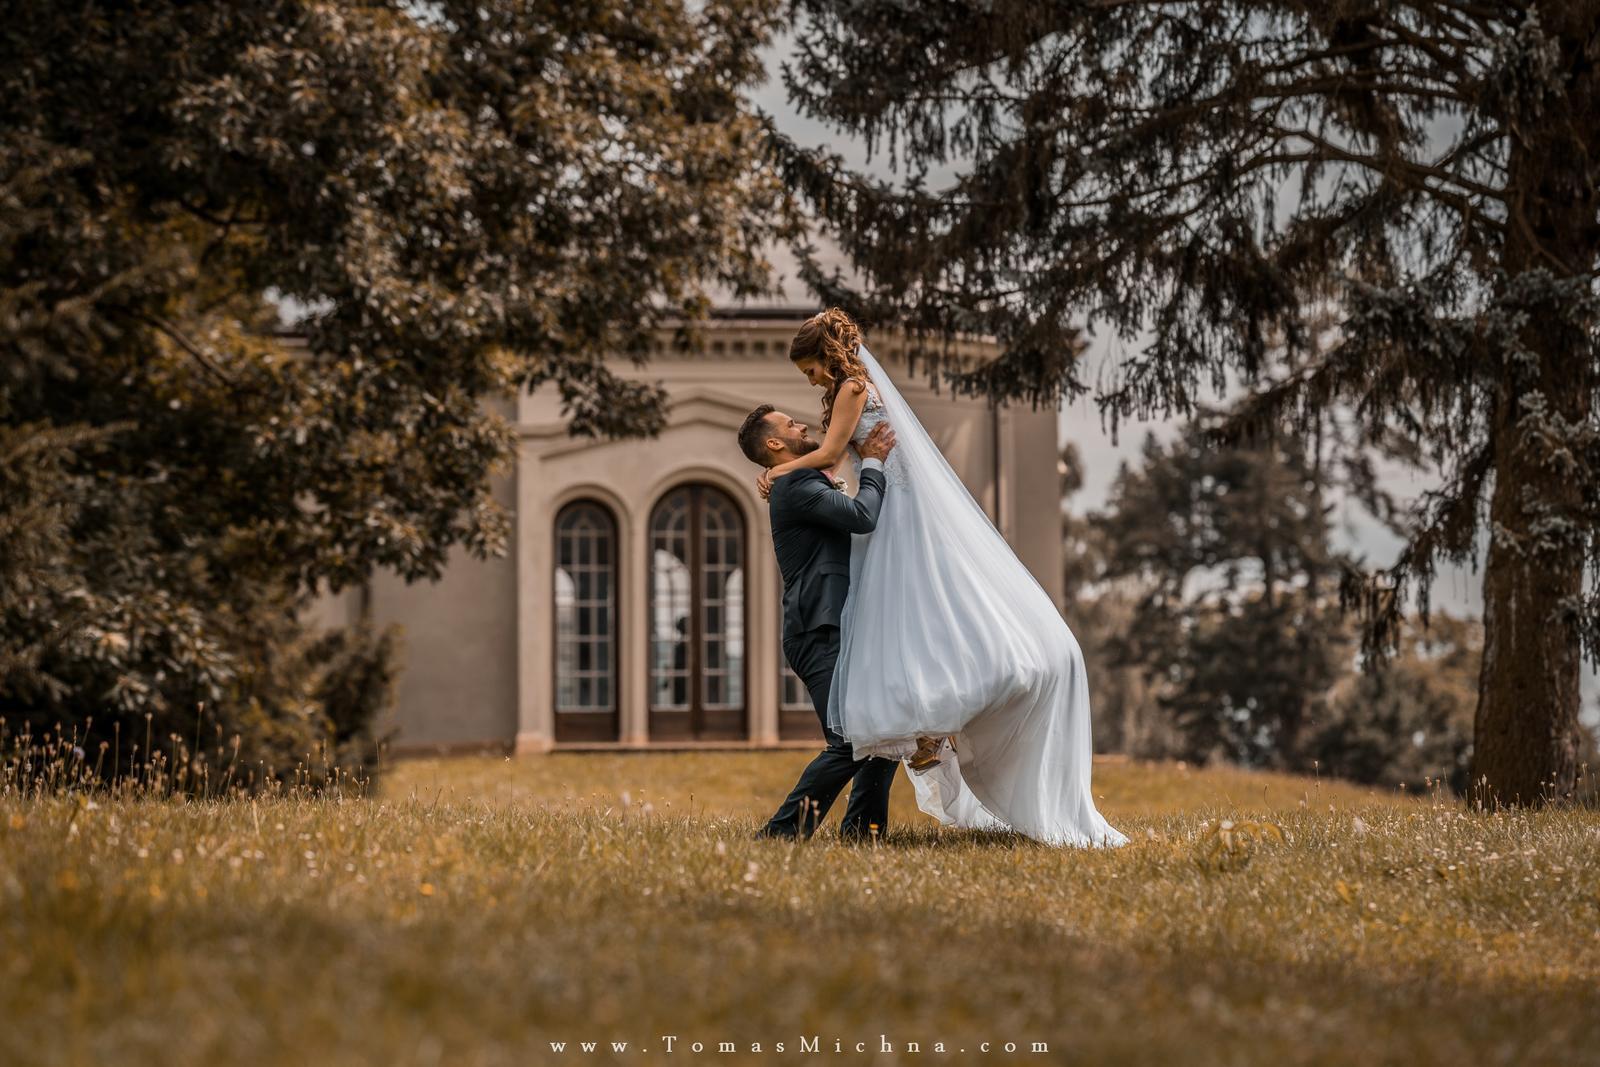 ♥ Michal & Nikola ♥ 17.8.2019 - Obrázek č. 4